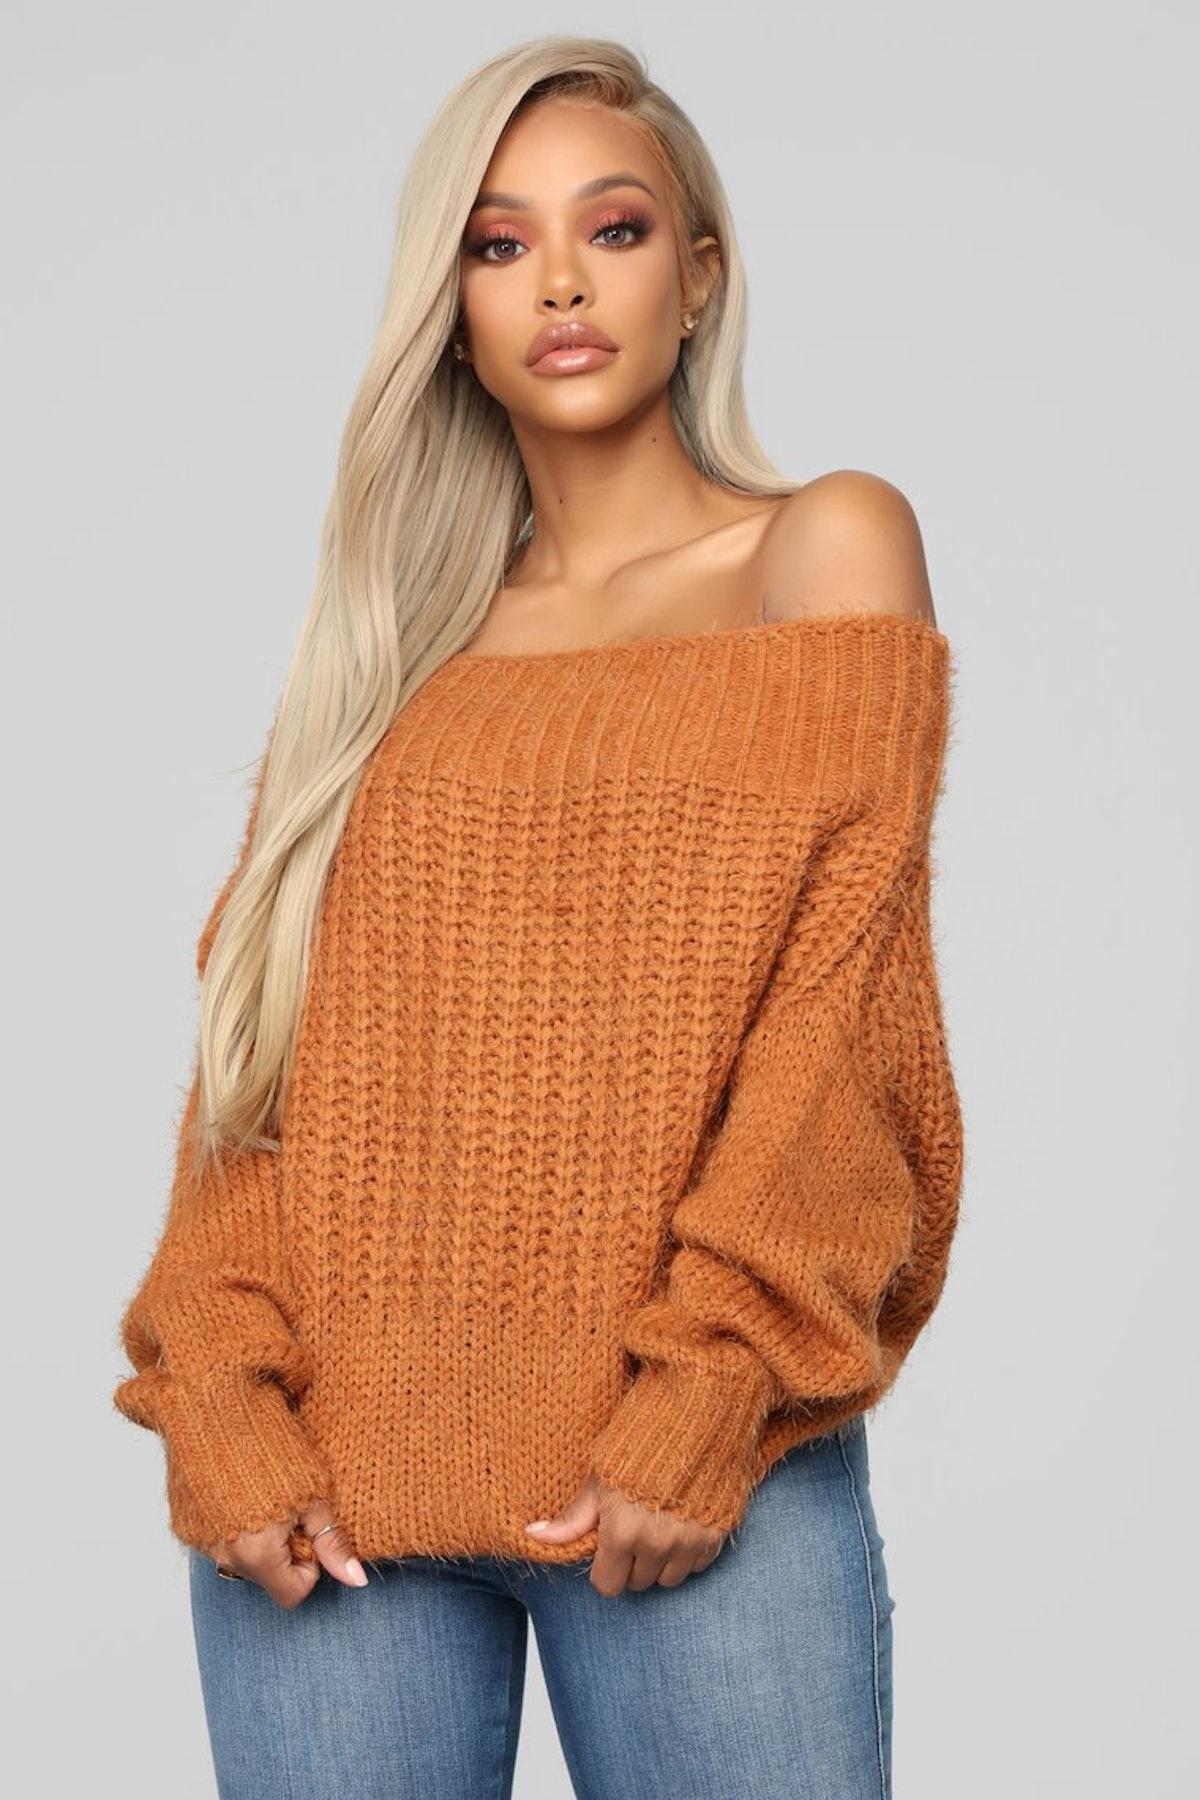 Aleta Off Shoulder Sweater - Camel